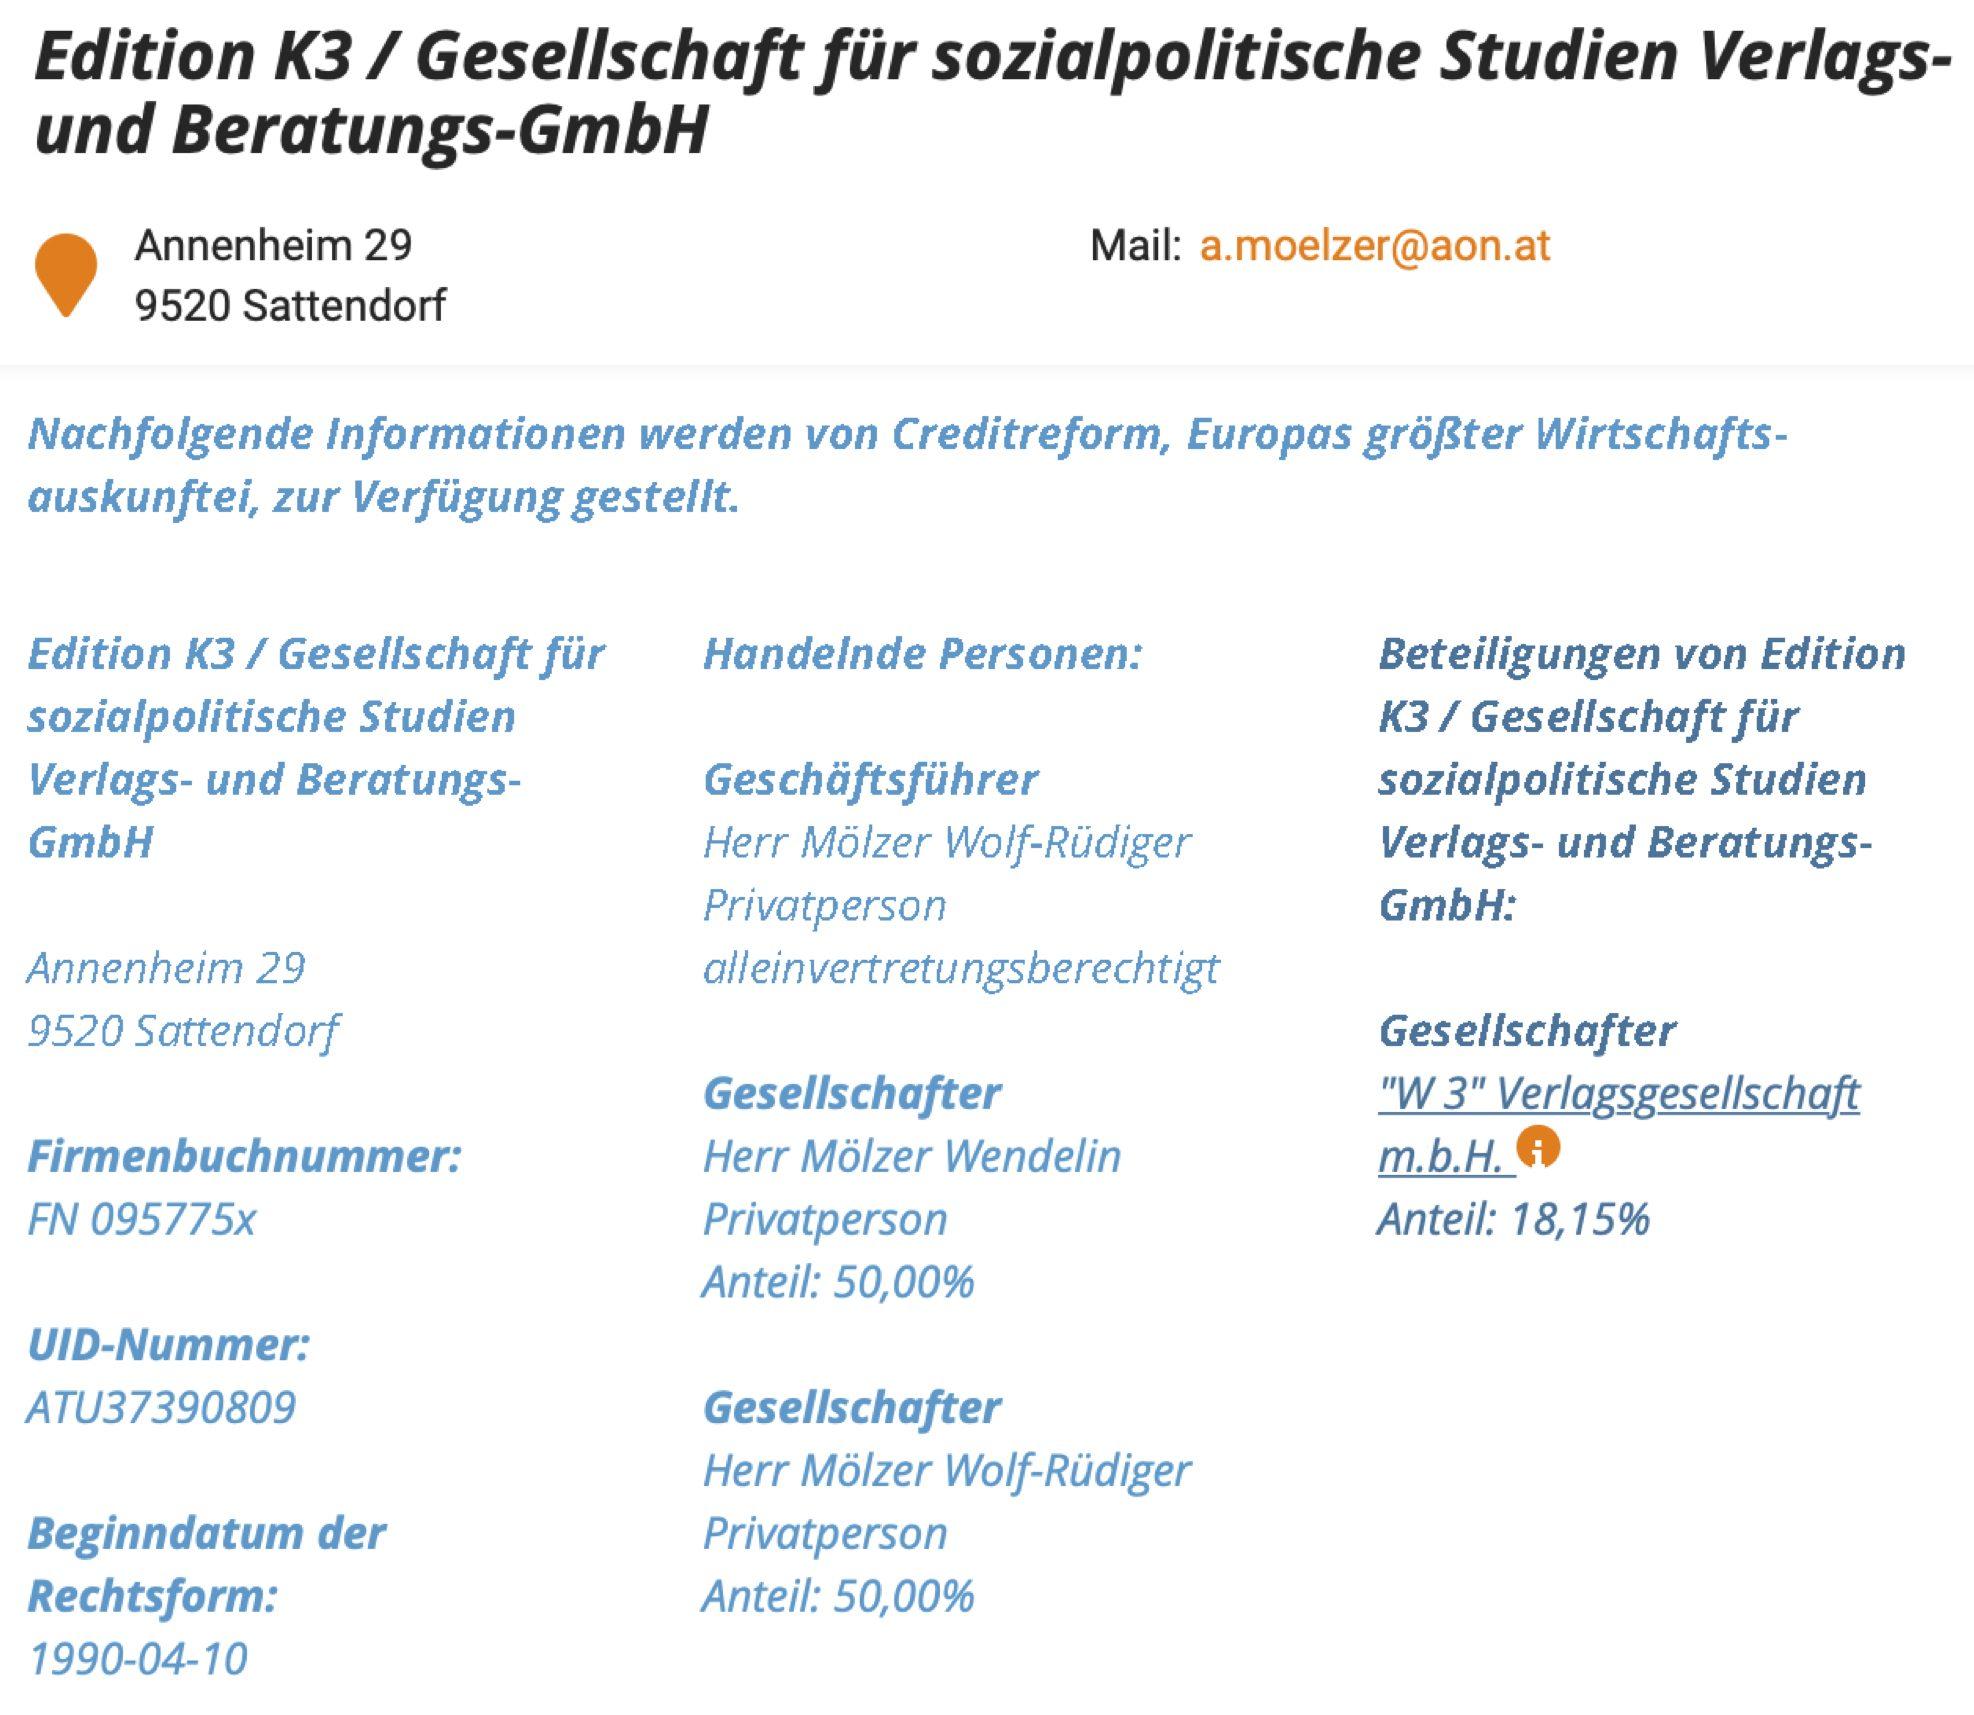 Firmenbuch Edition K3: Gesellschafter Wolf-Rüdiger und Wendelin Mölzer